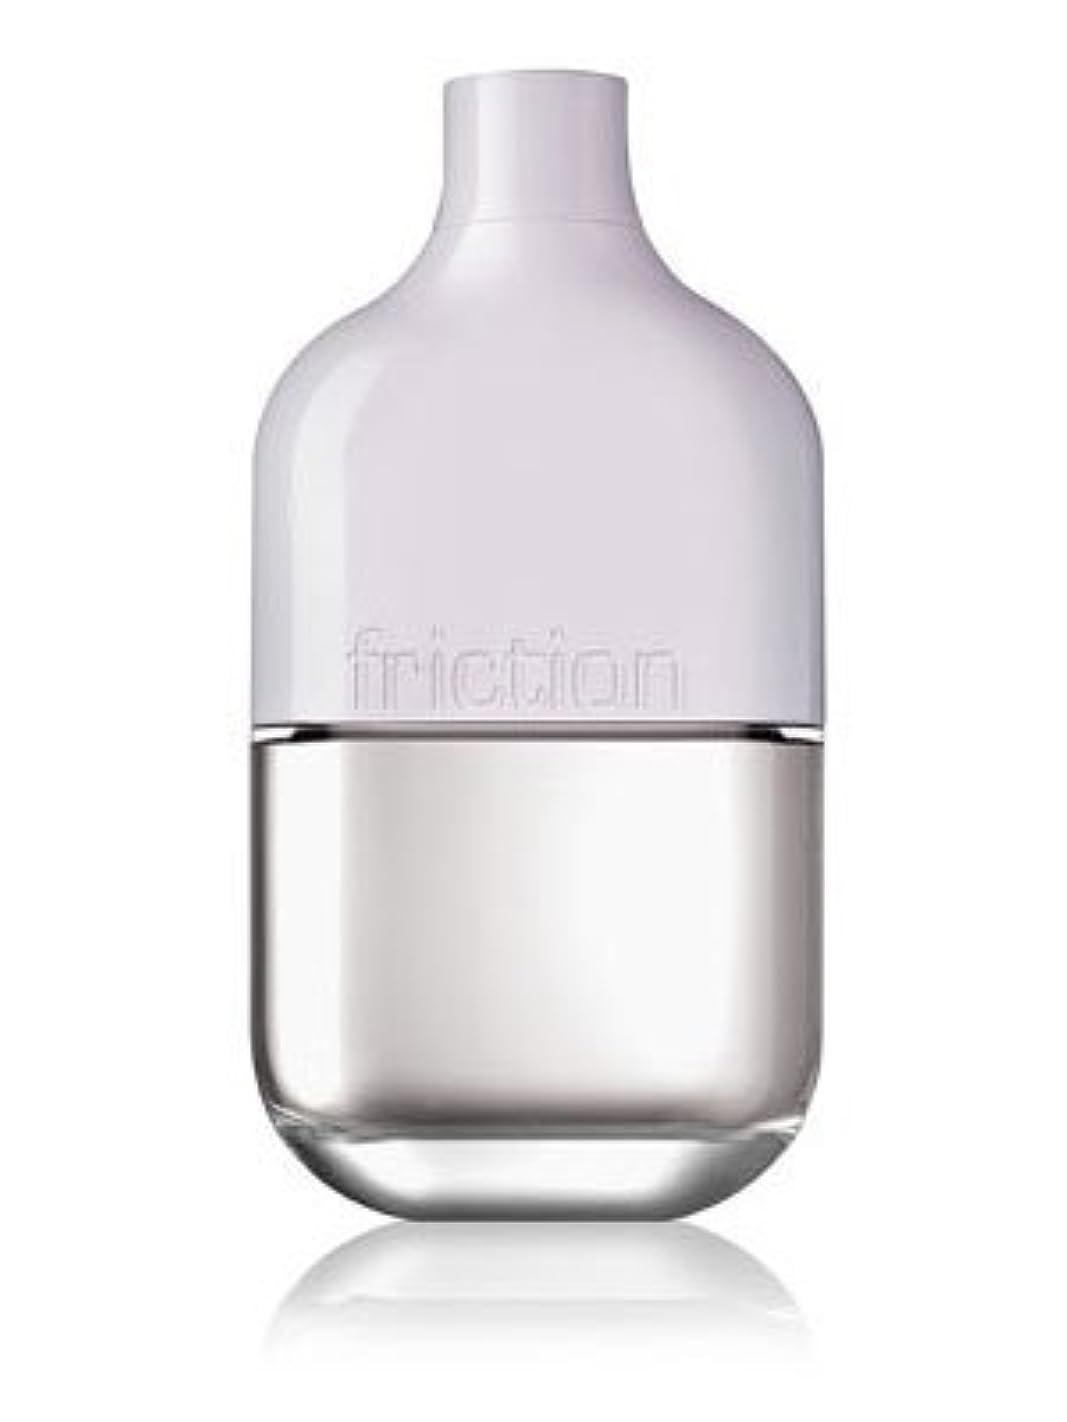 小麦境界ボルトFCUK Friction Him (FCUK フリクション ヒム) 3.4 oz (100ml) EDT Spray by French Connention